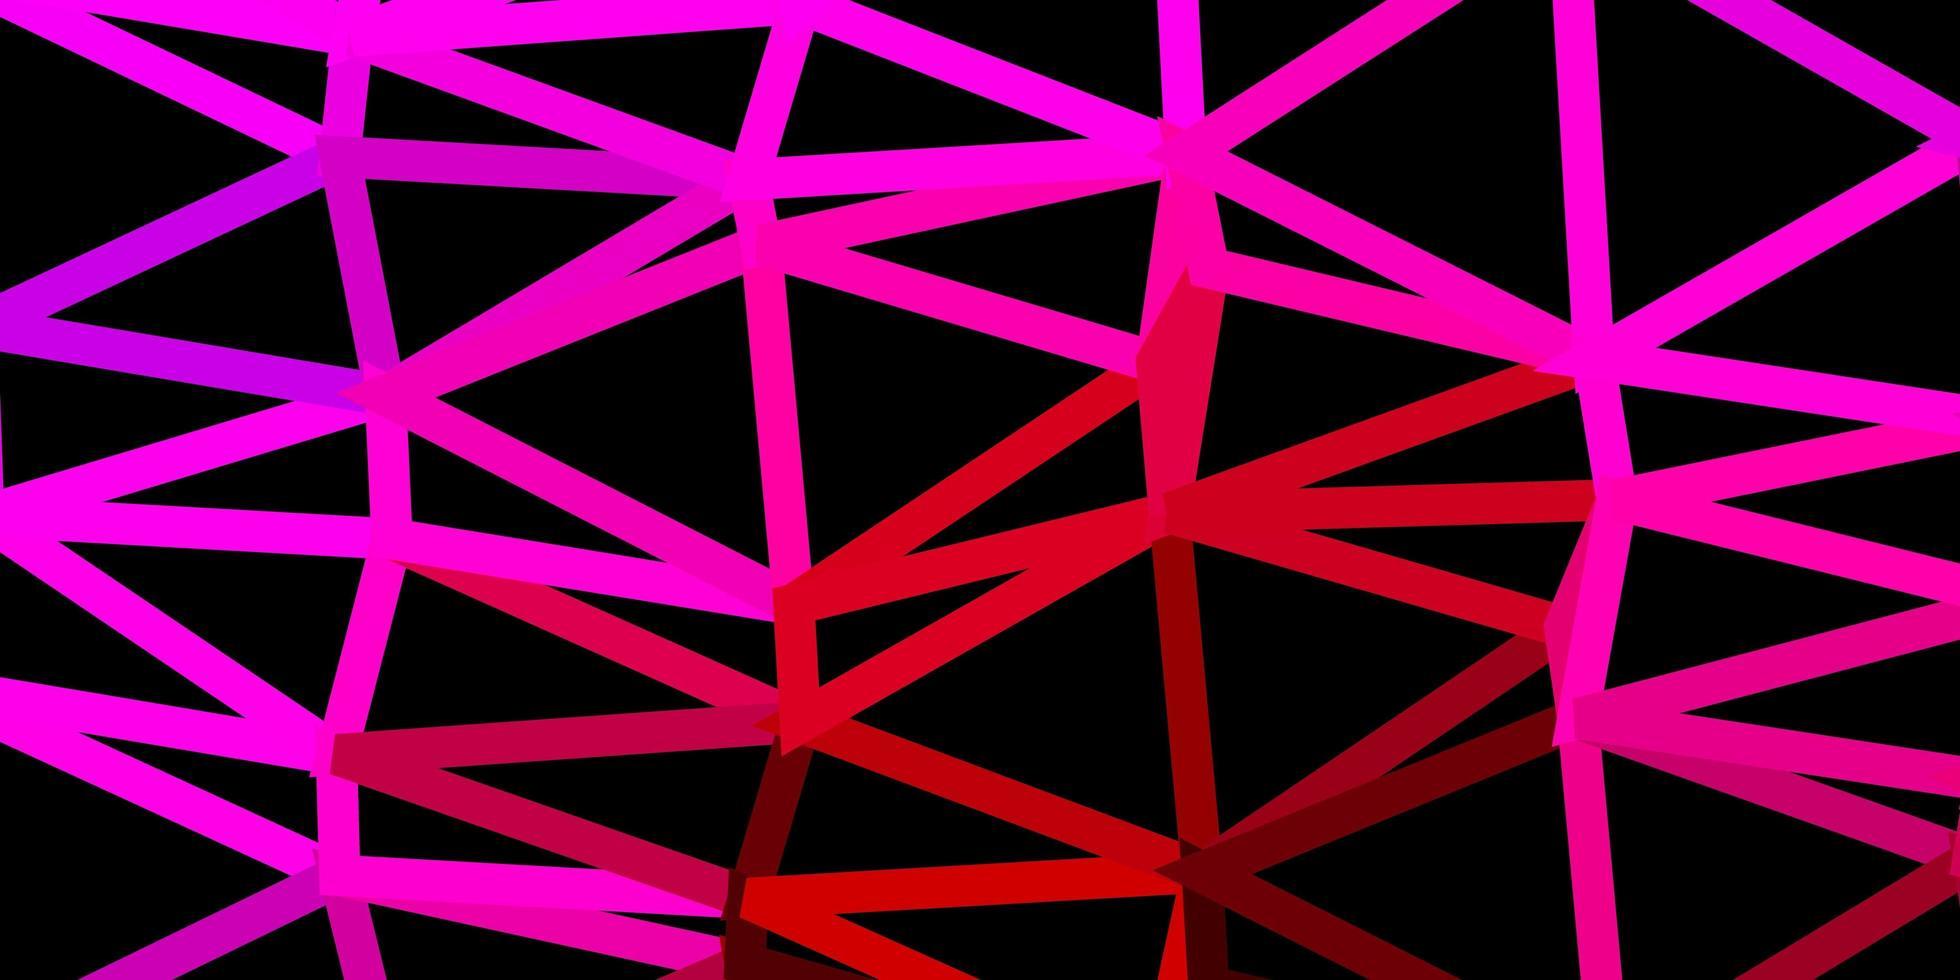 conception de mosaïque triangle vecteur rose foncé.